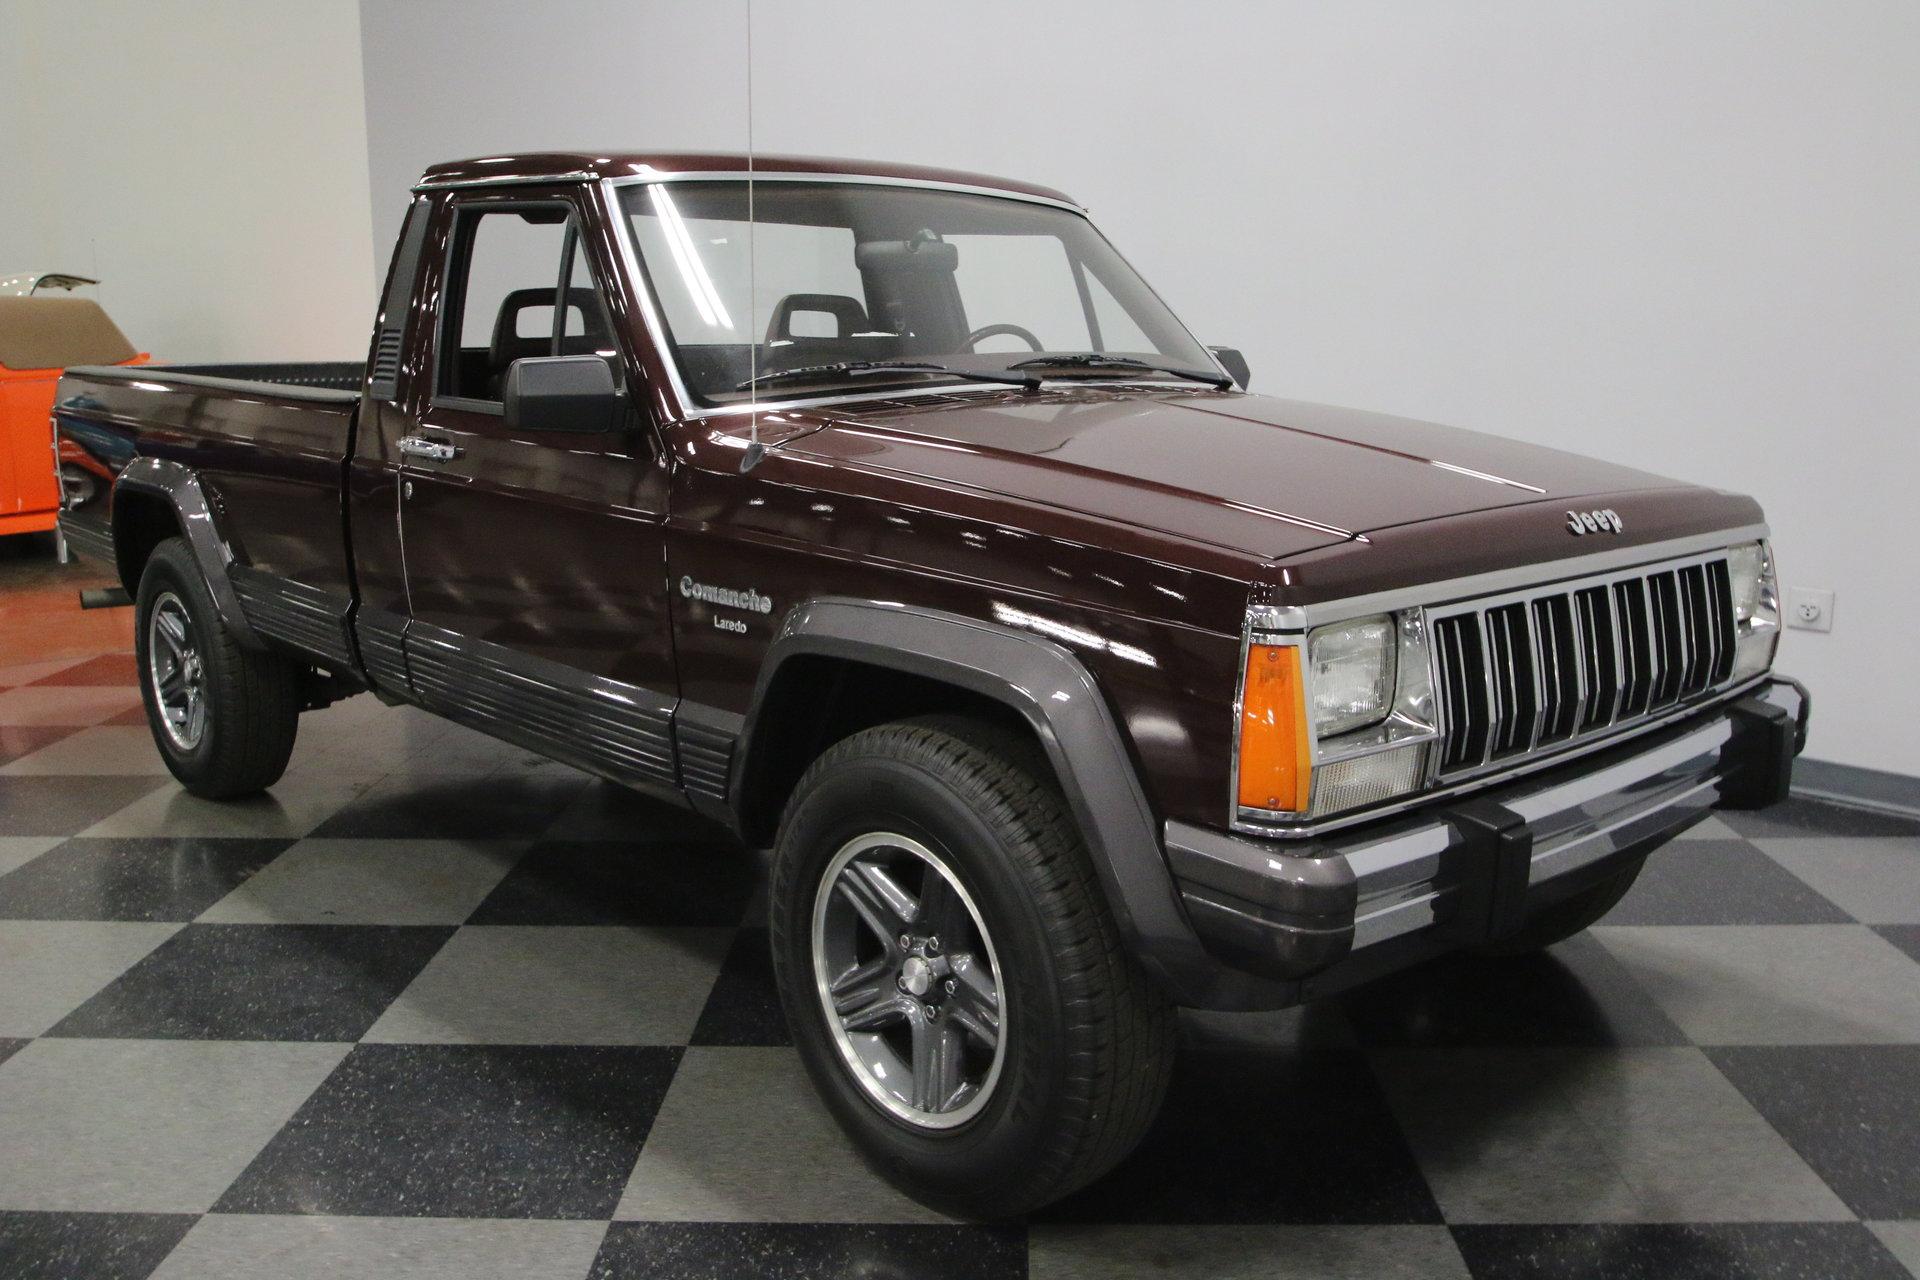 1988 jeep comanche laredo for sale 78985 mcg. Black Bedroom Furniture Sets. Home Design Ideas